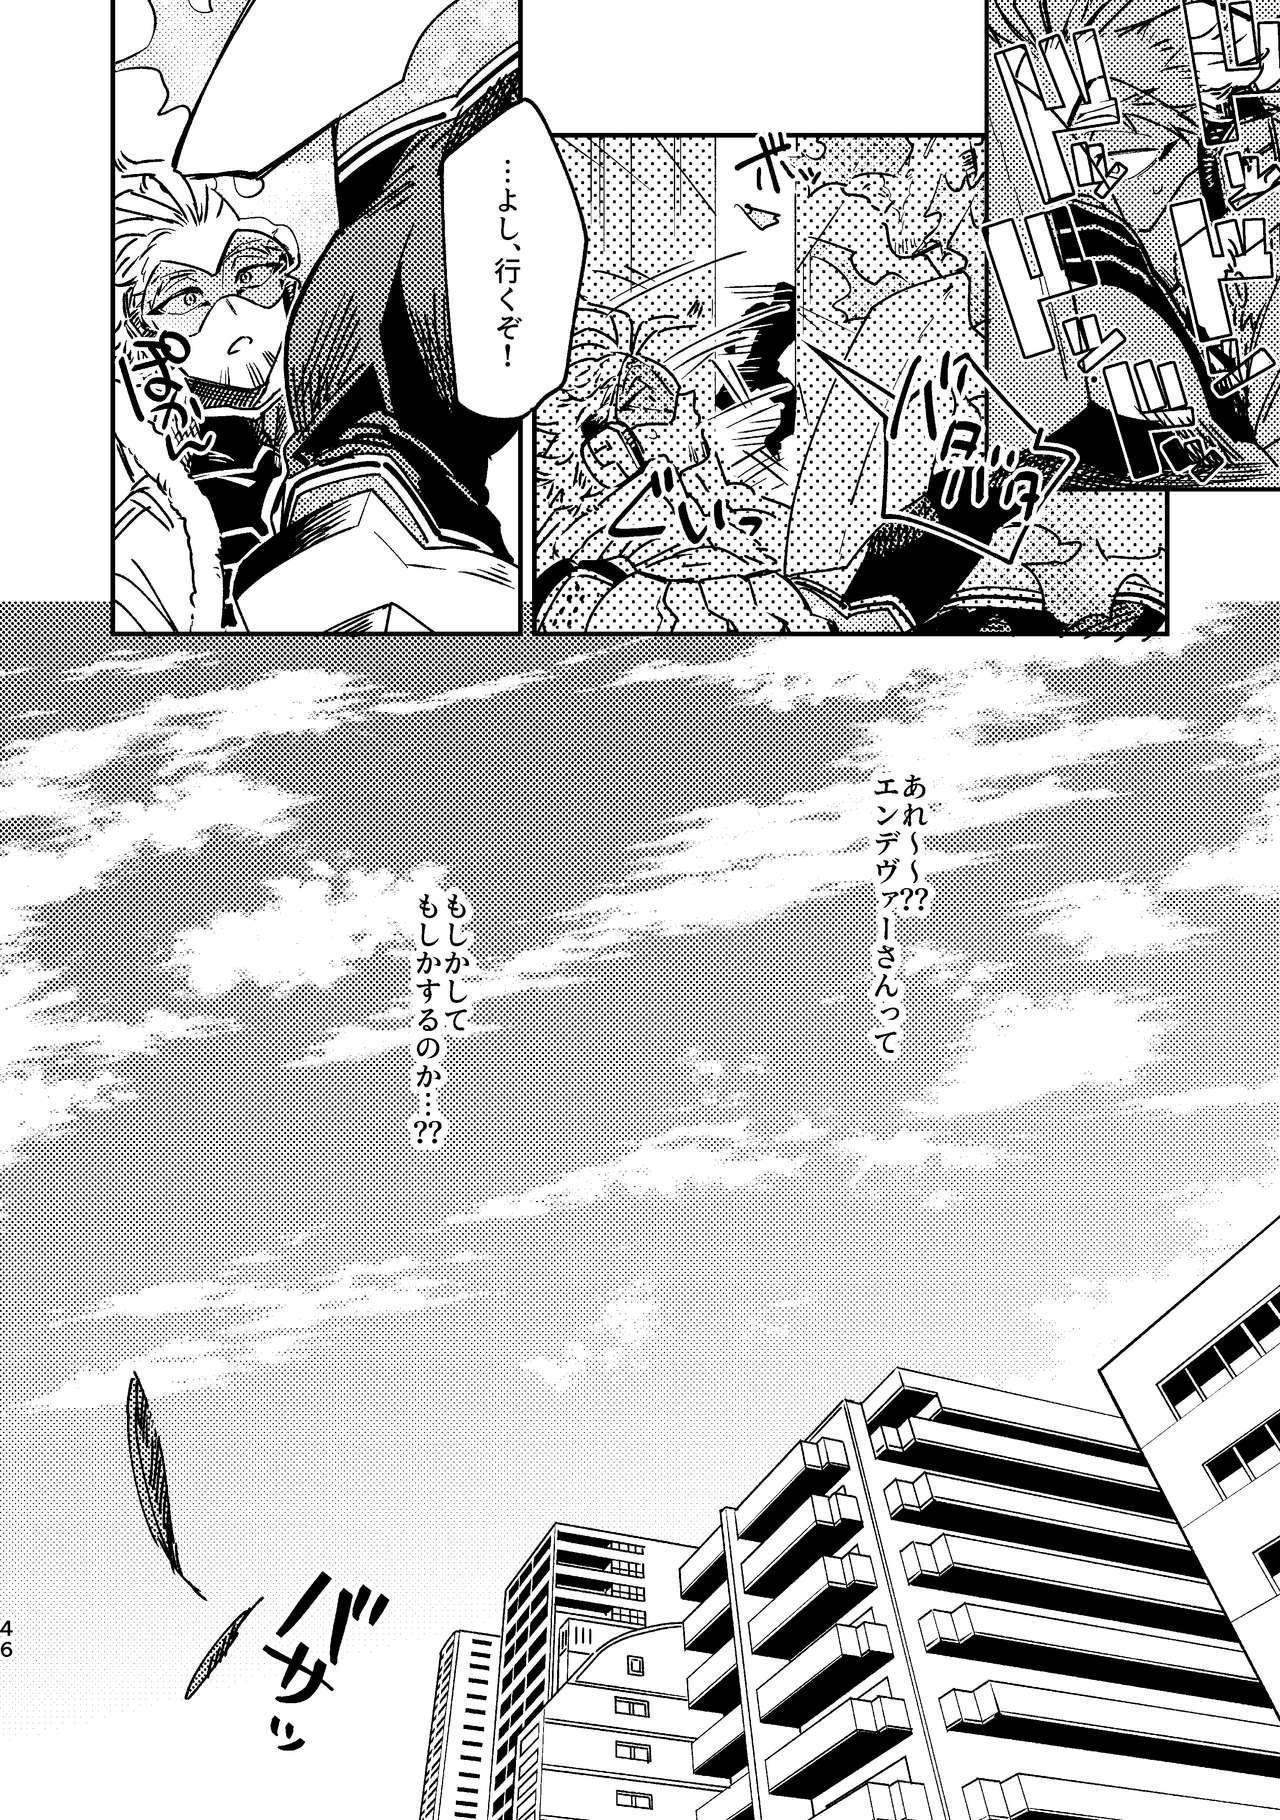 WEB Sairoku Zumi HawEn Manga ga Kami demo Yomeru Hon. 45